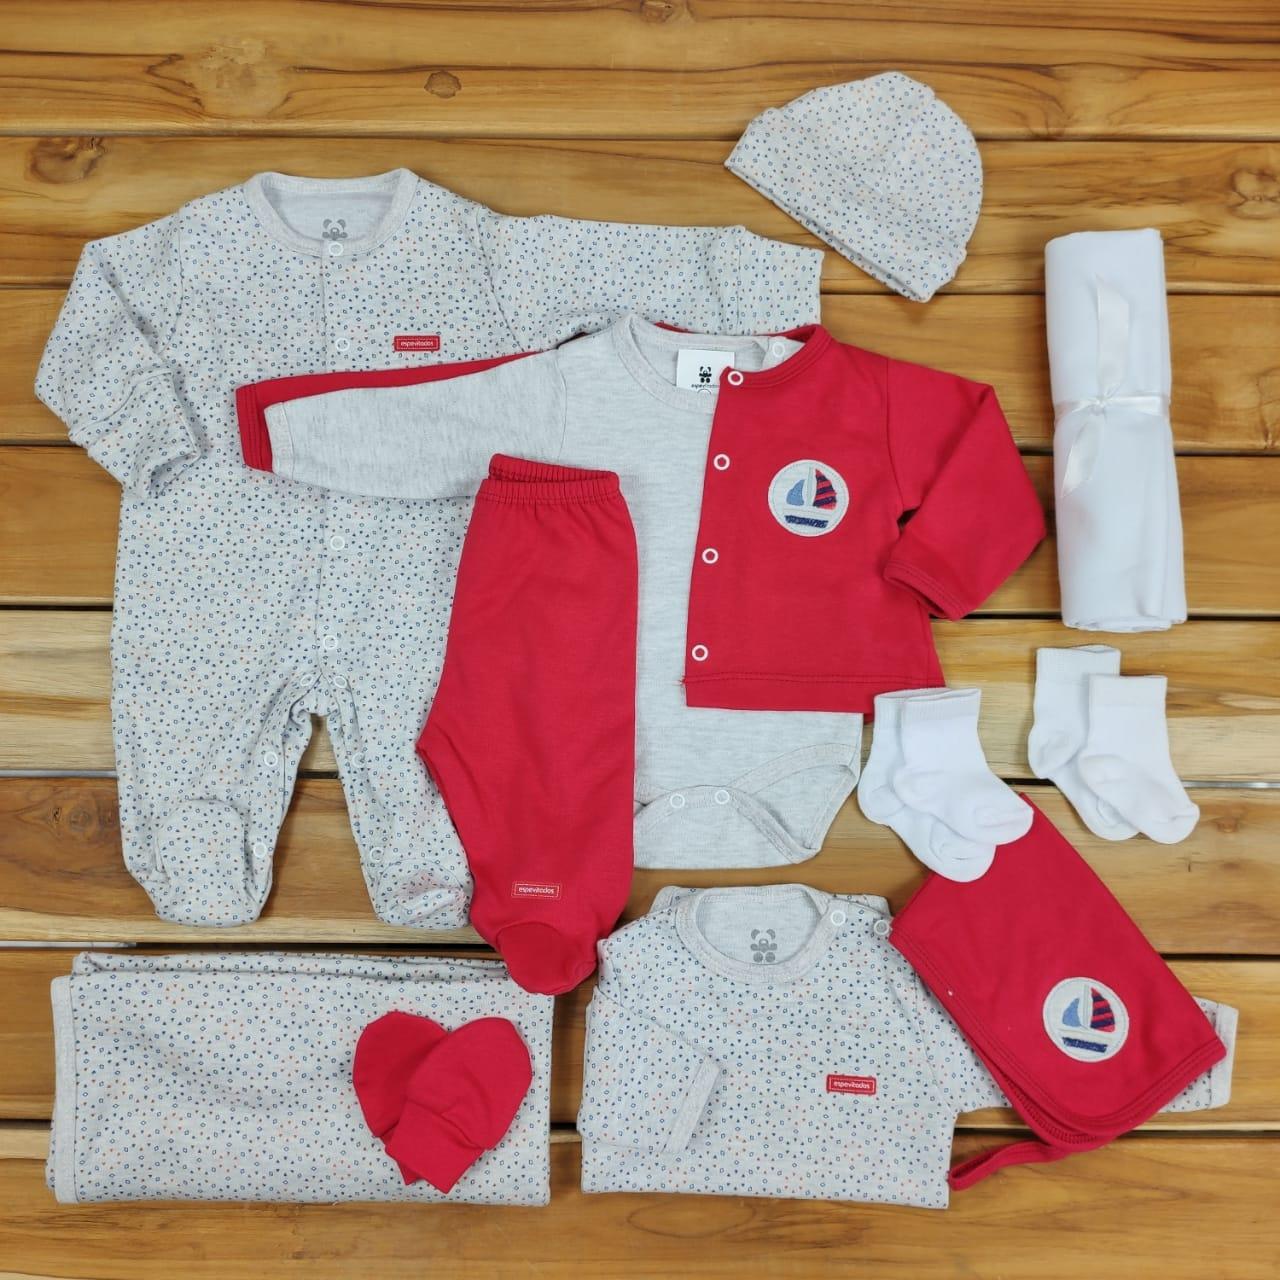 Kit Maternidade Vermelha e Mescla - 12 Peças